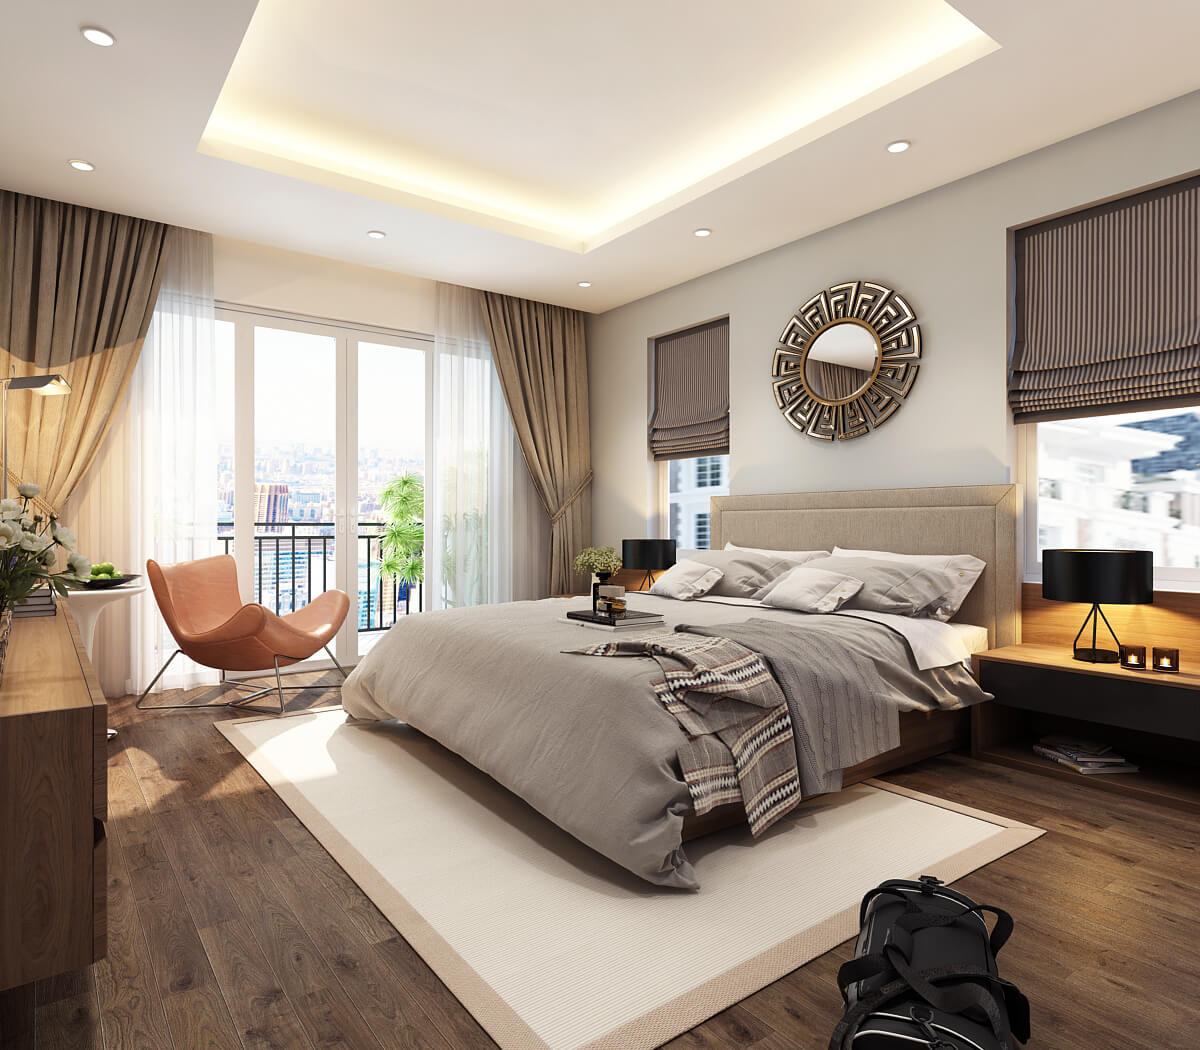 5 mẫu thiết kế nội thất chung cư 2 phòng ngủ đẹp, hiện đại, ấn tượng 13